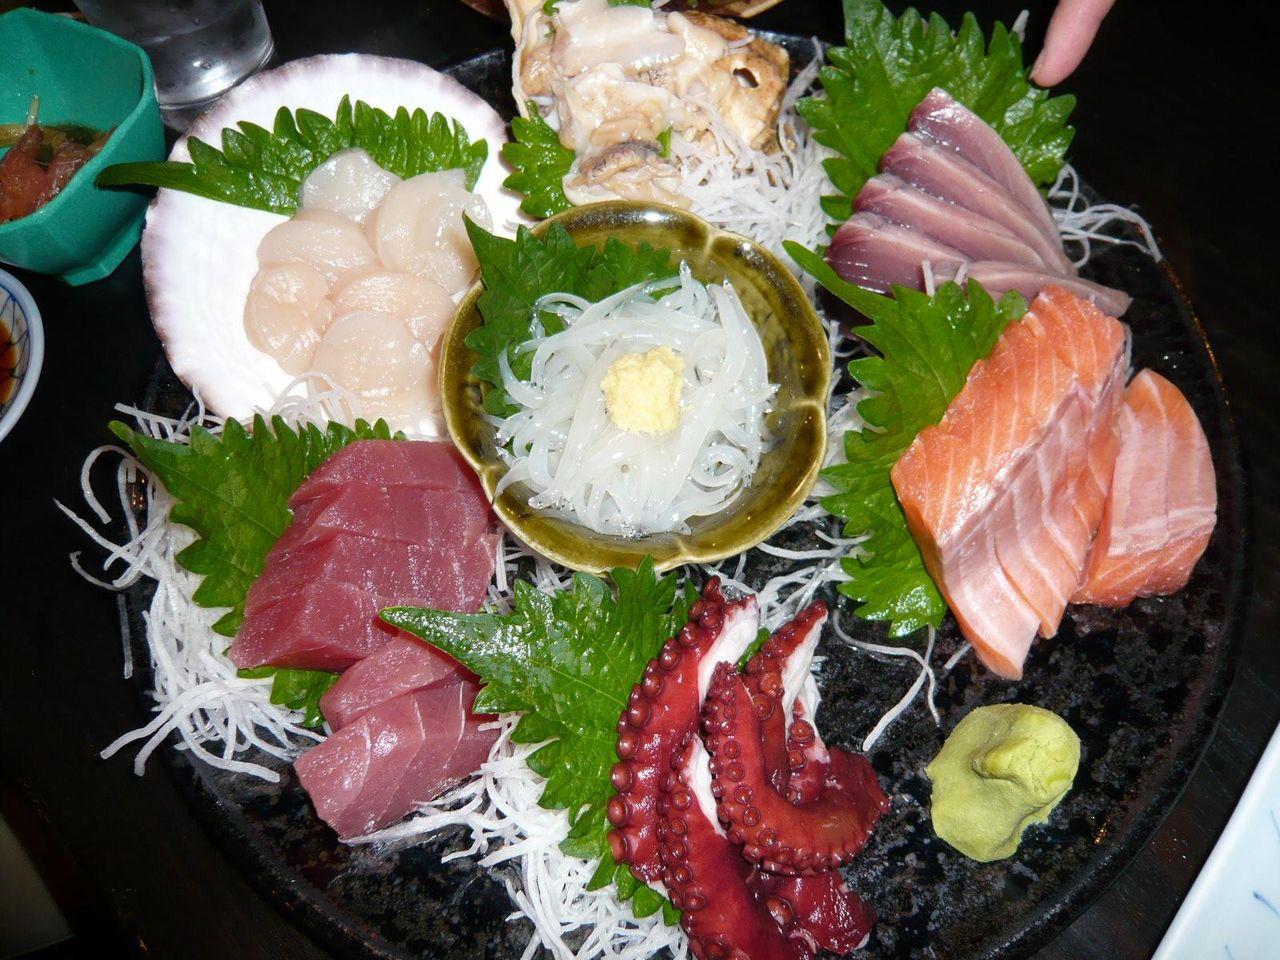 豪華な大漁刺盛り4人前が、たったの2,000円・・・安すぎです!